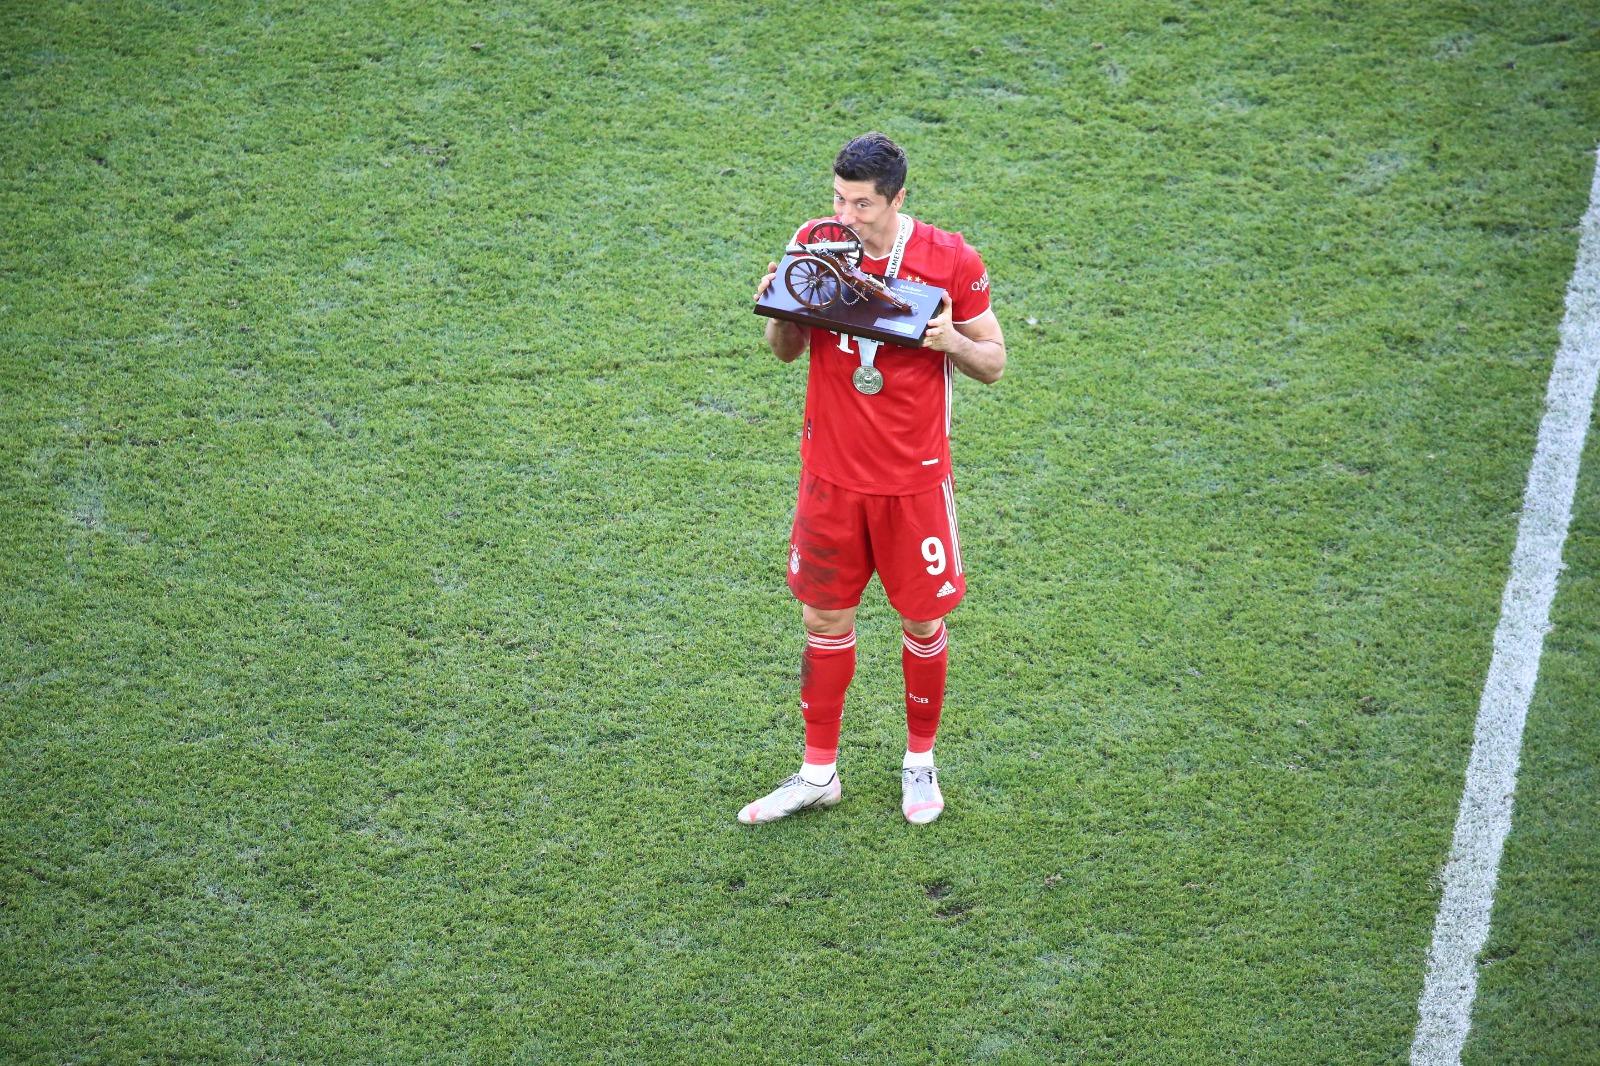 ليفاندوفسكى مع جائزة هداف الدوريي الالمانى (2)